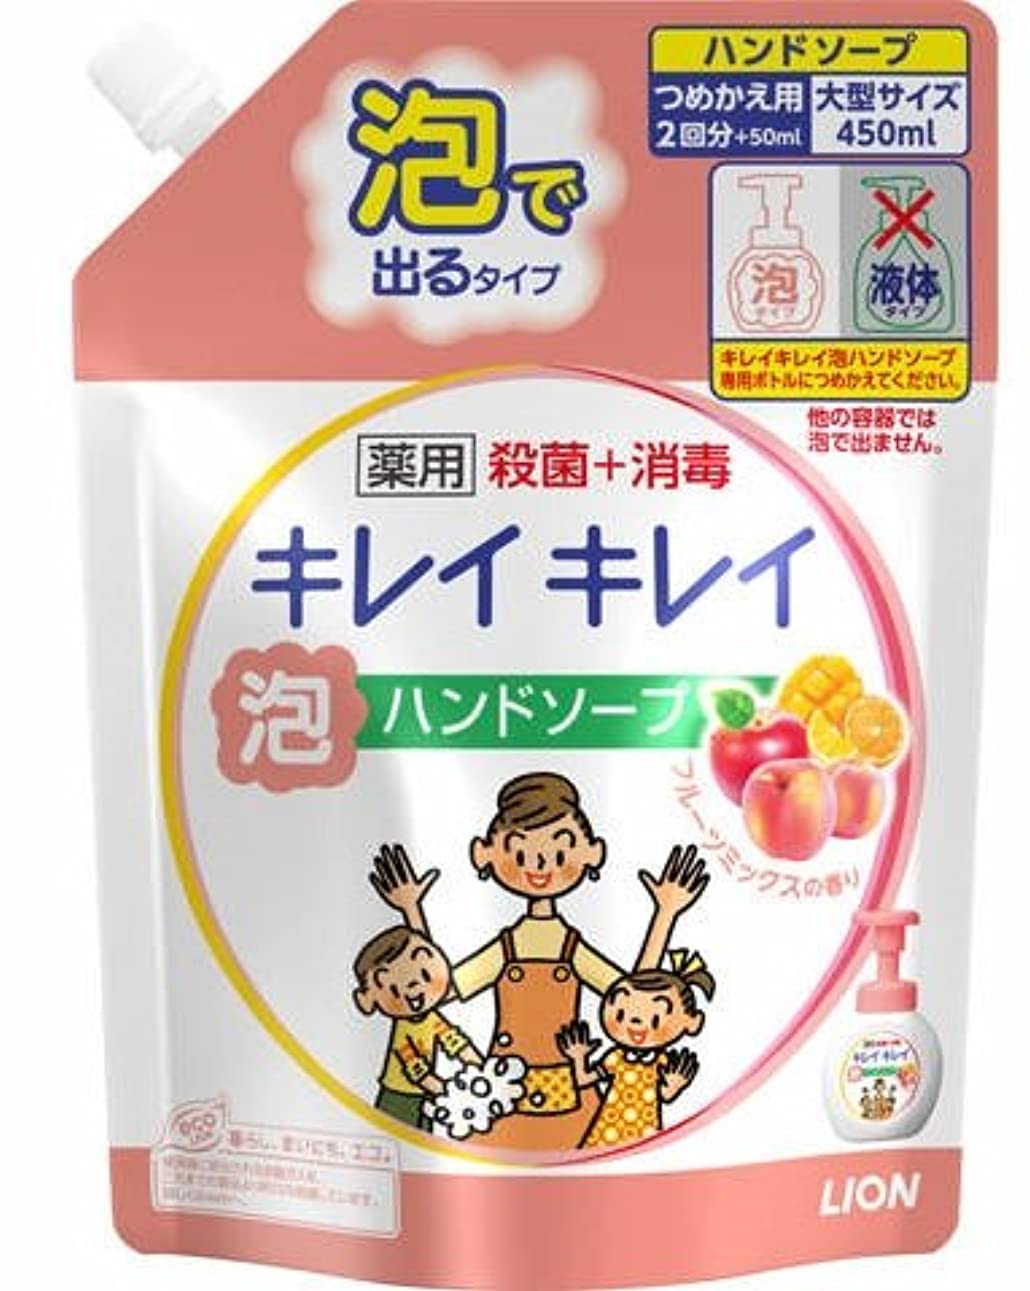 ポテト本質的ではない話すキレイキレイ薬用泡HSフルーツミックス つめかえ用大型サイズ × 3個セット